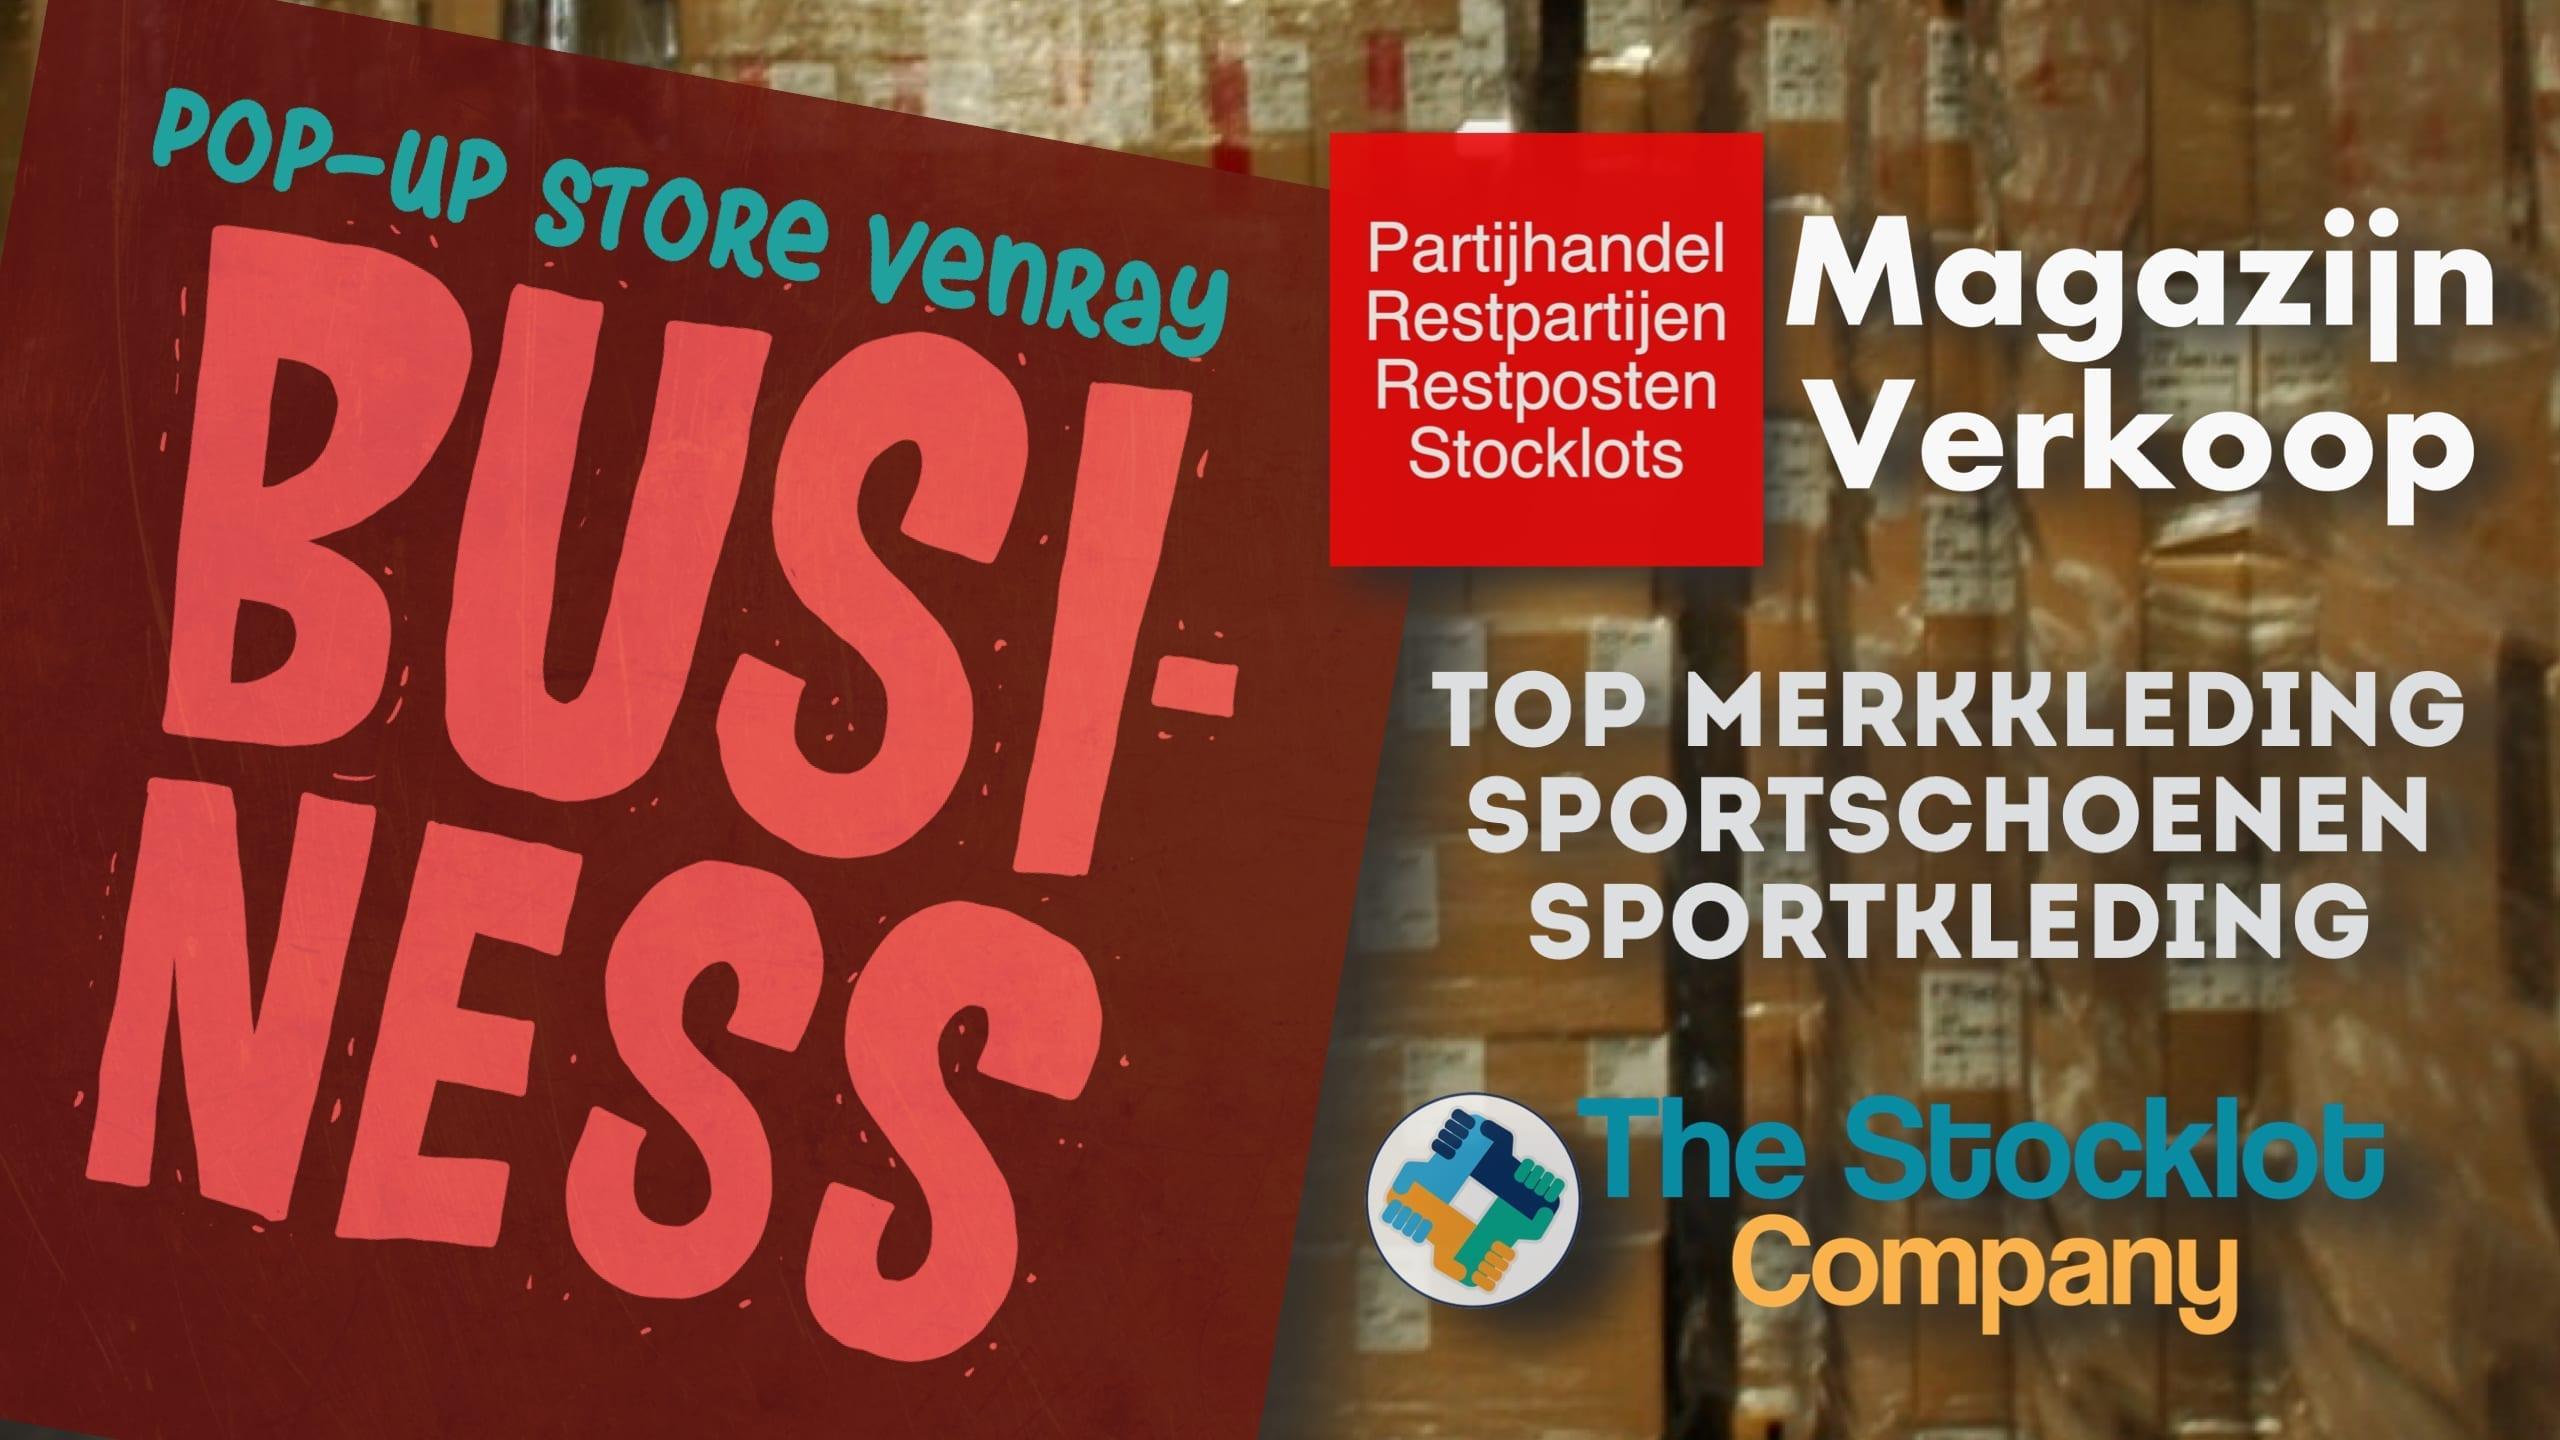 Pop Up Store Venray Nieuw!